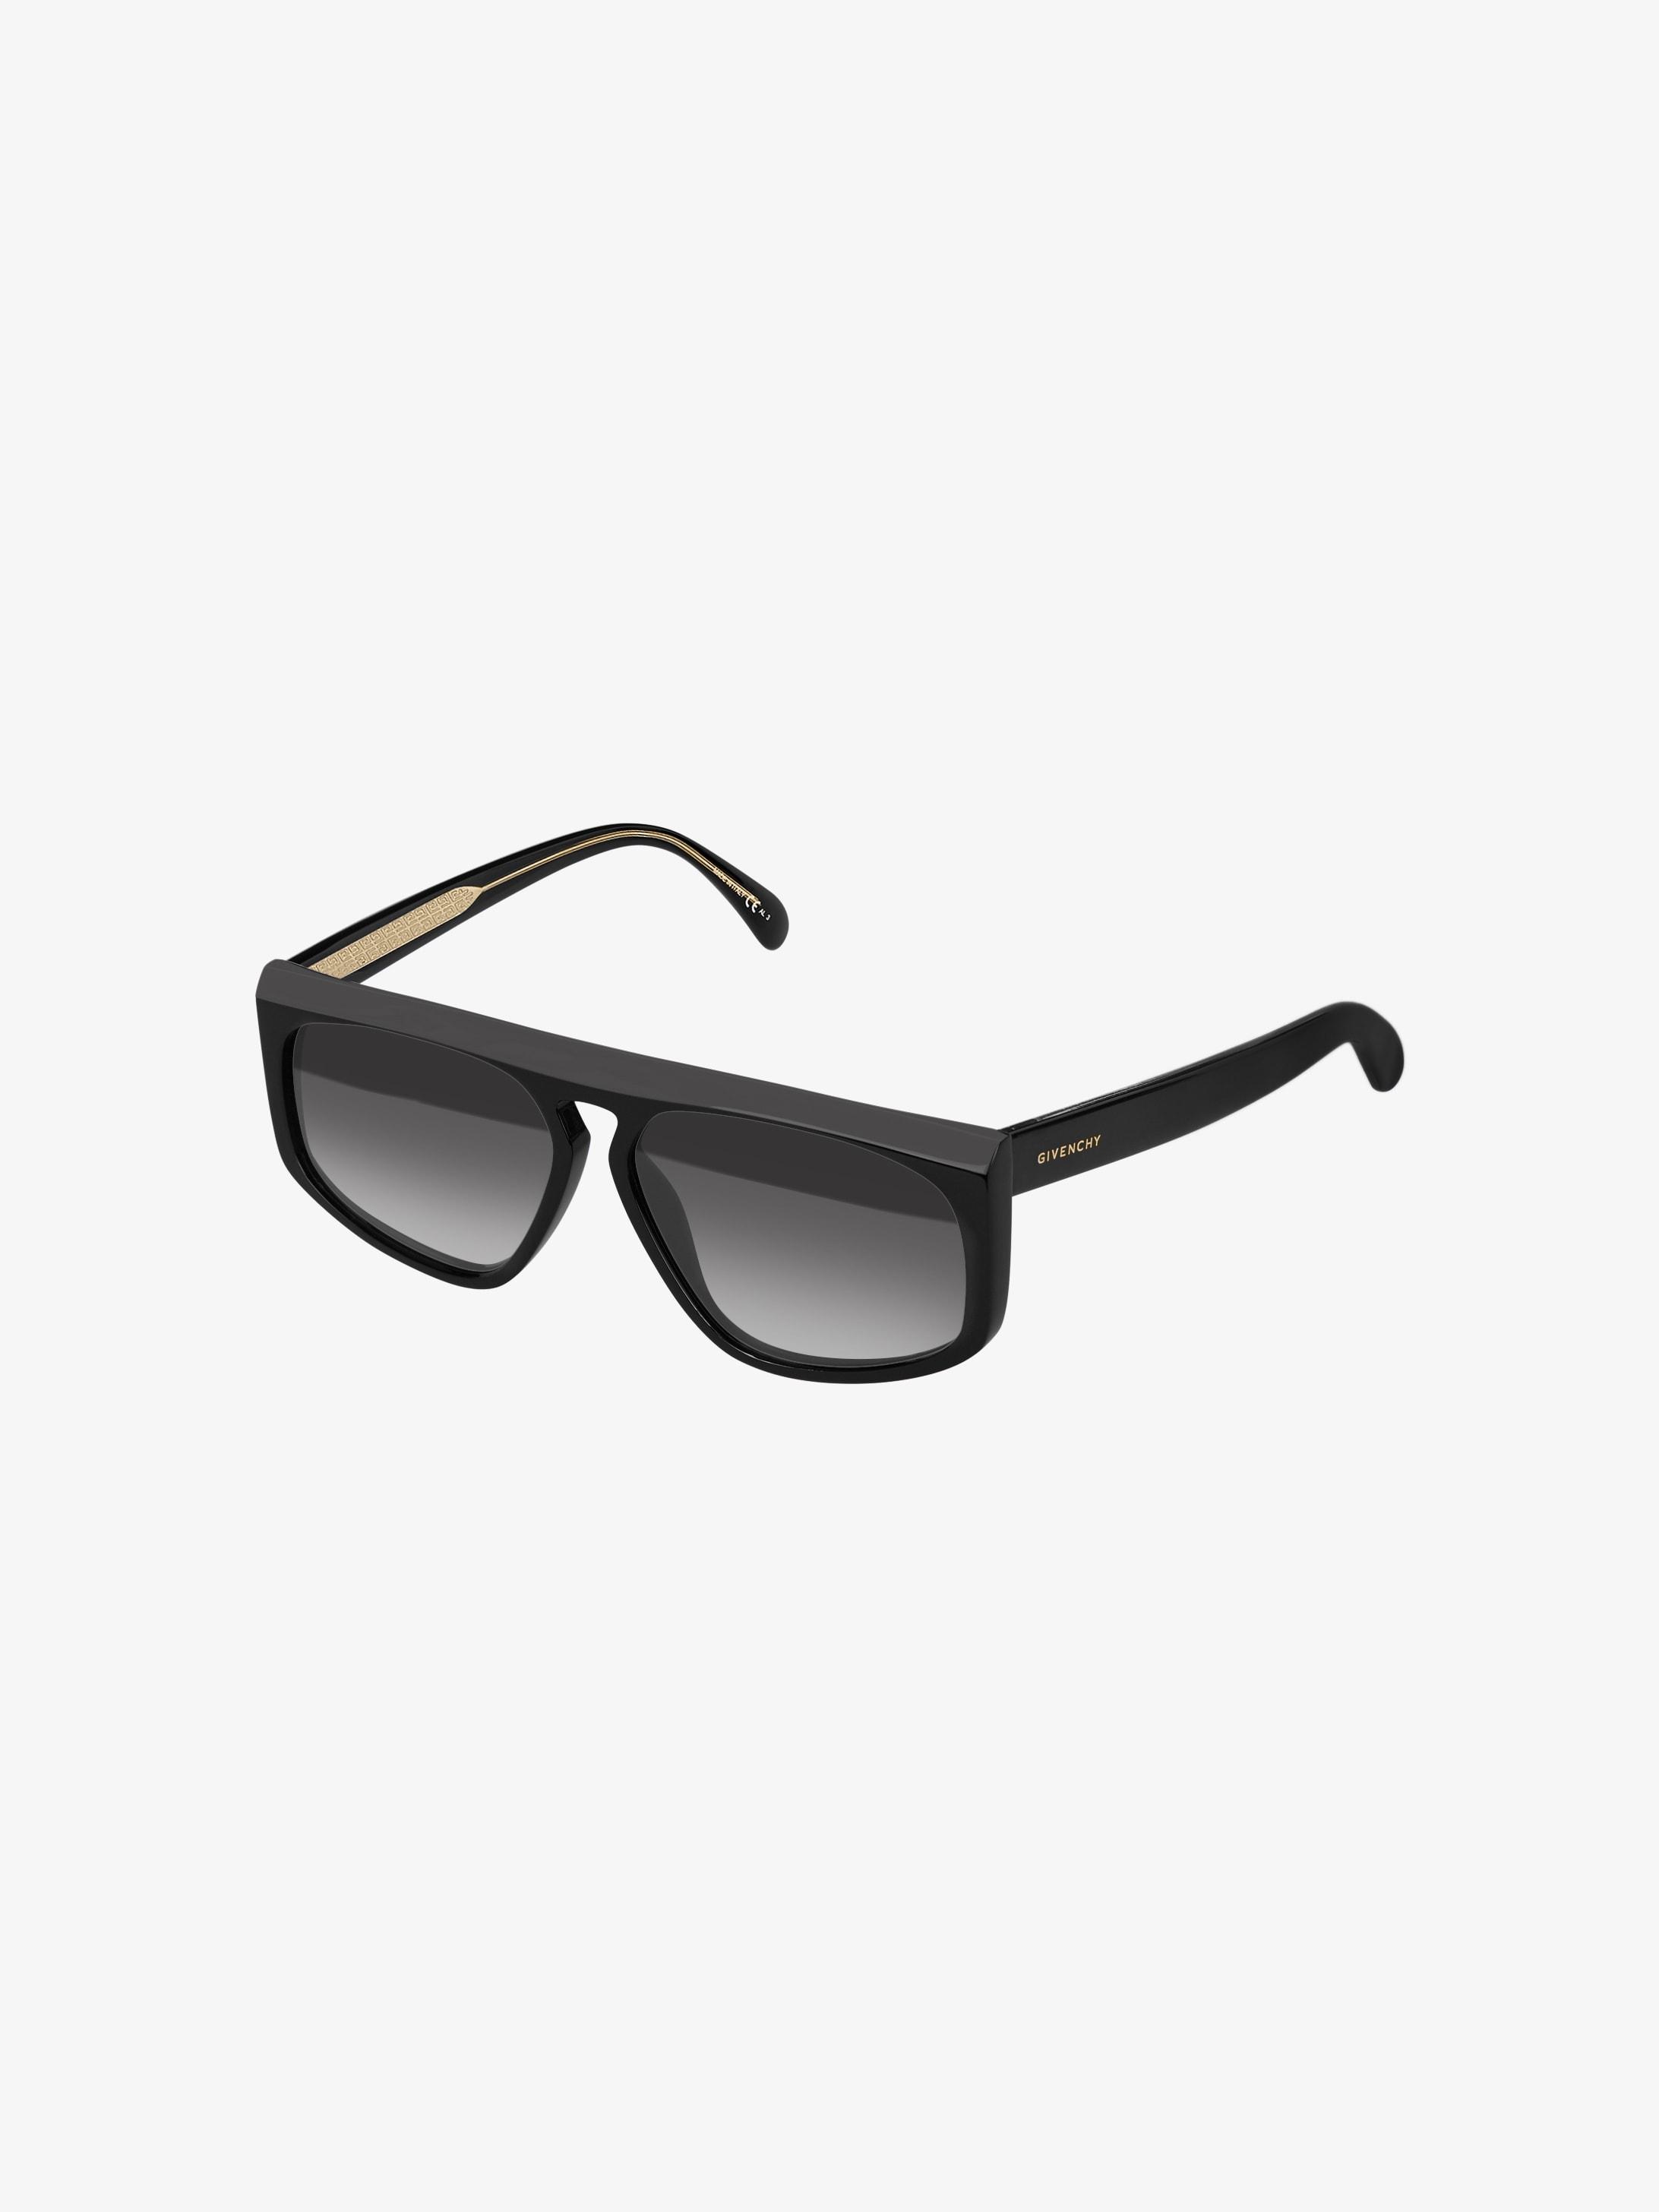 Graphic sunglasses in acetate